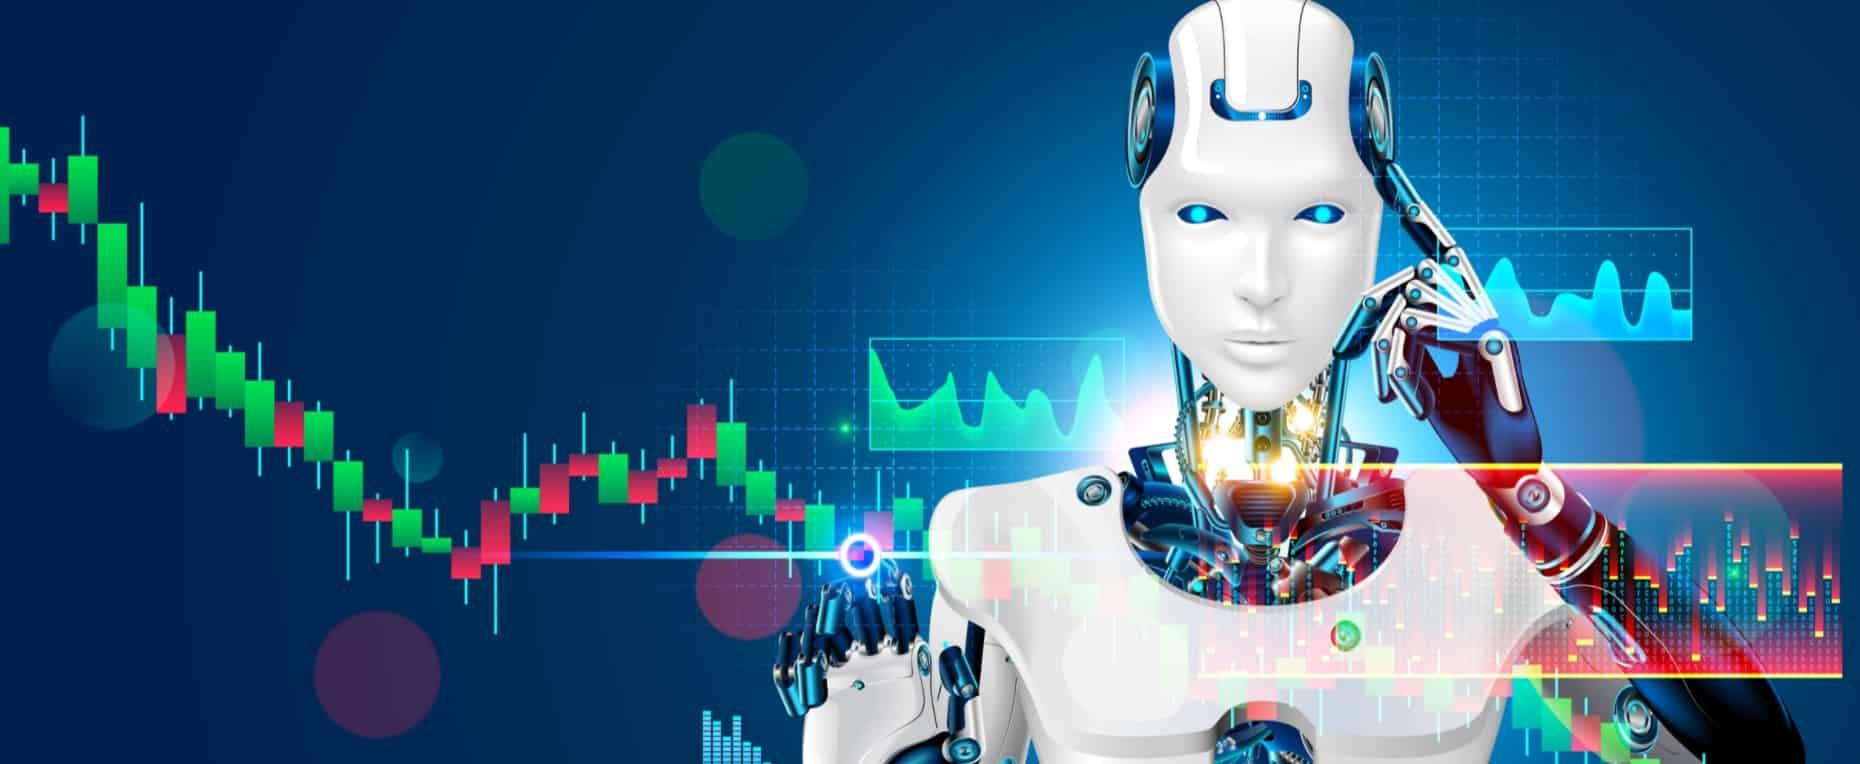 Un robot fait du trading